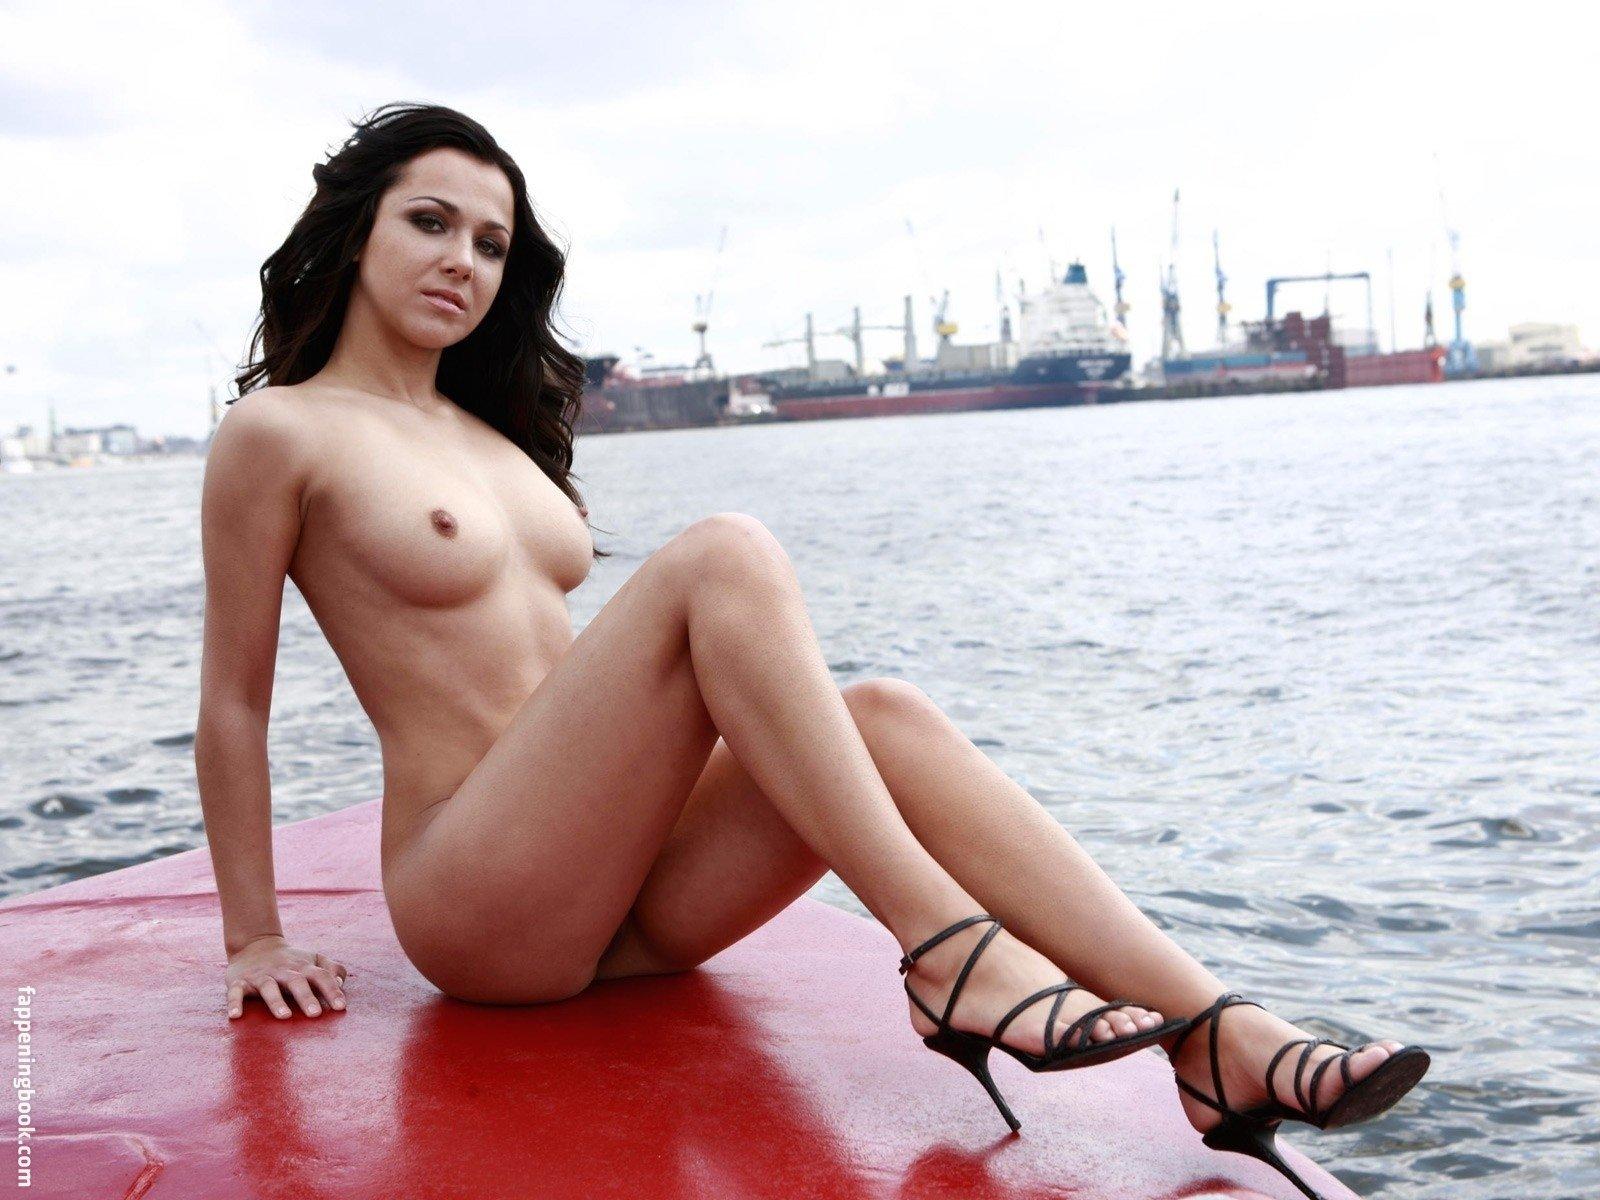 Kerouedan nackt Yvonne  Yvonne Kerouedan